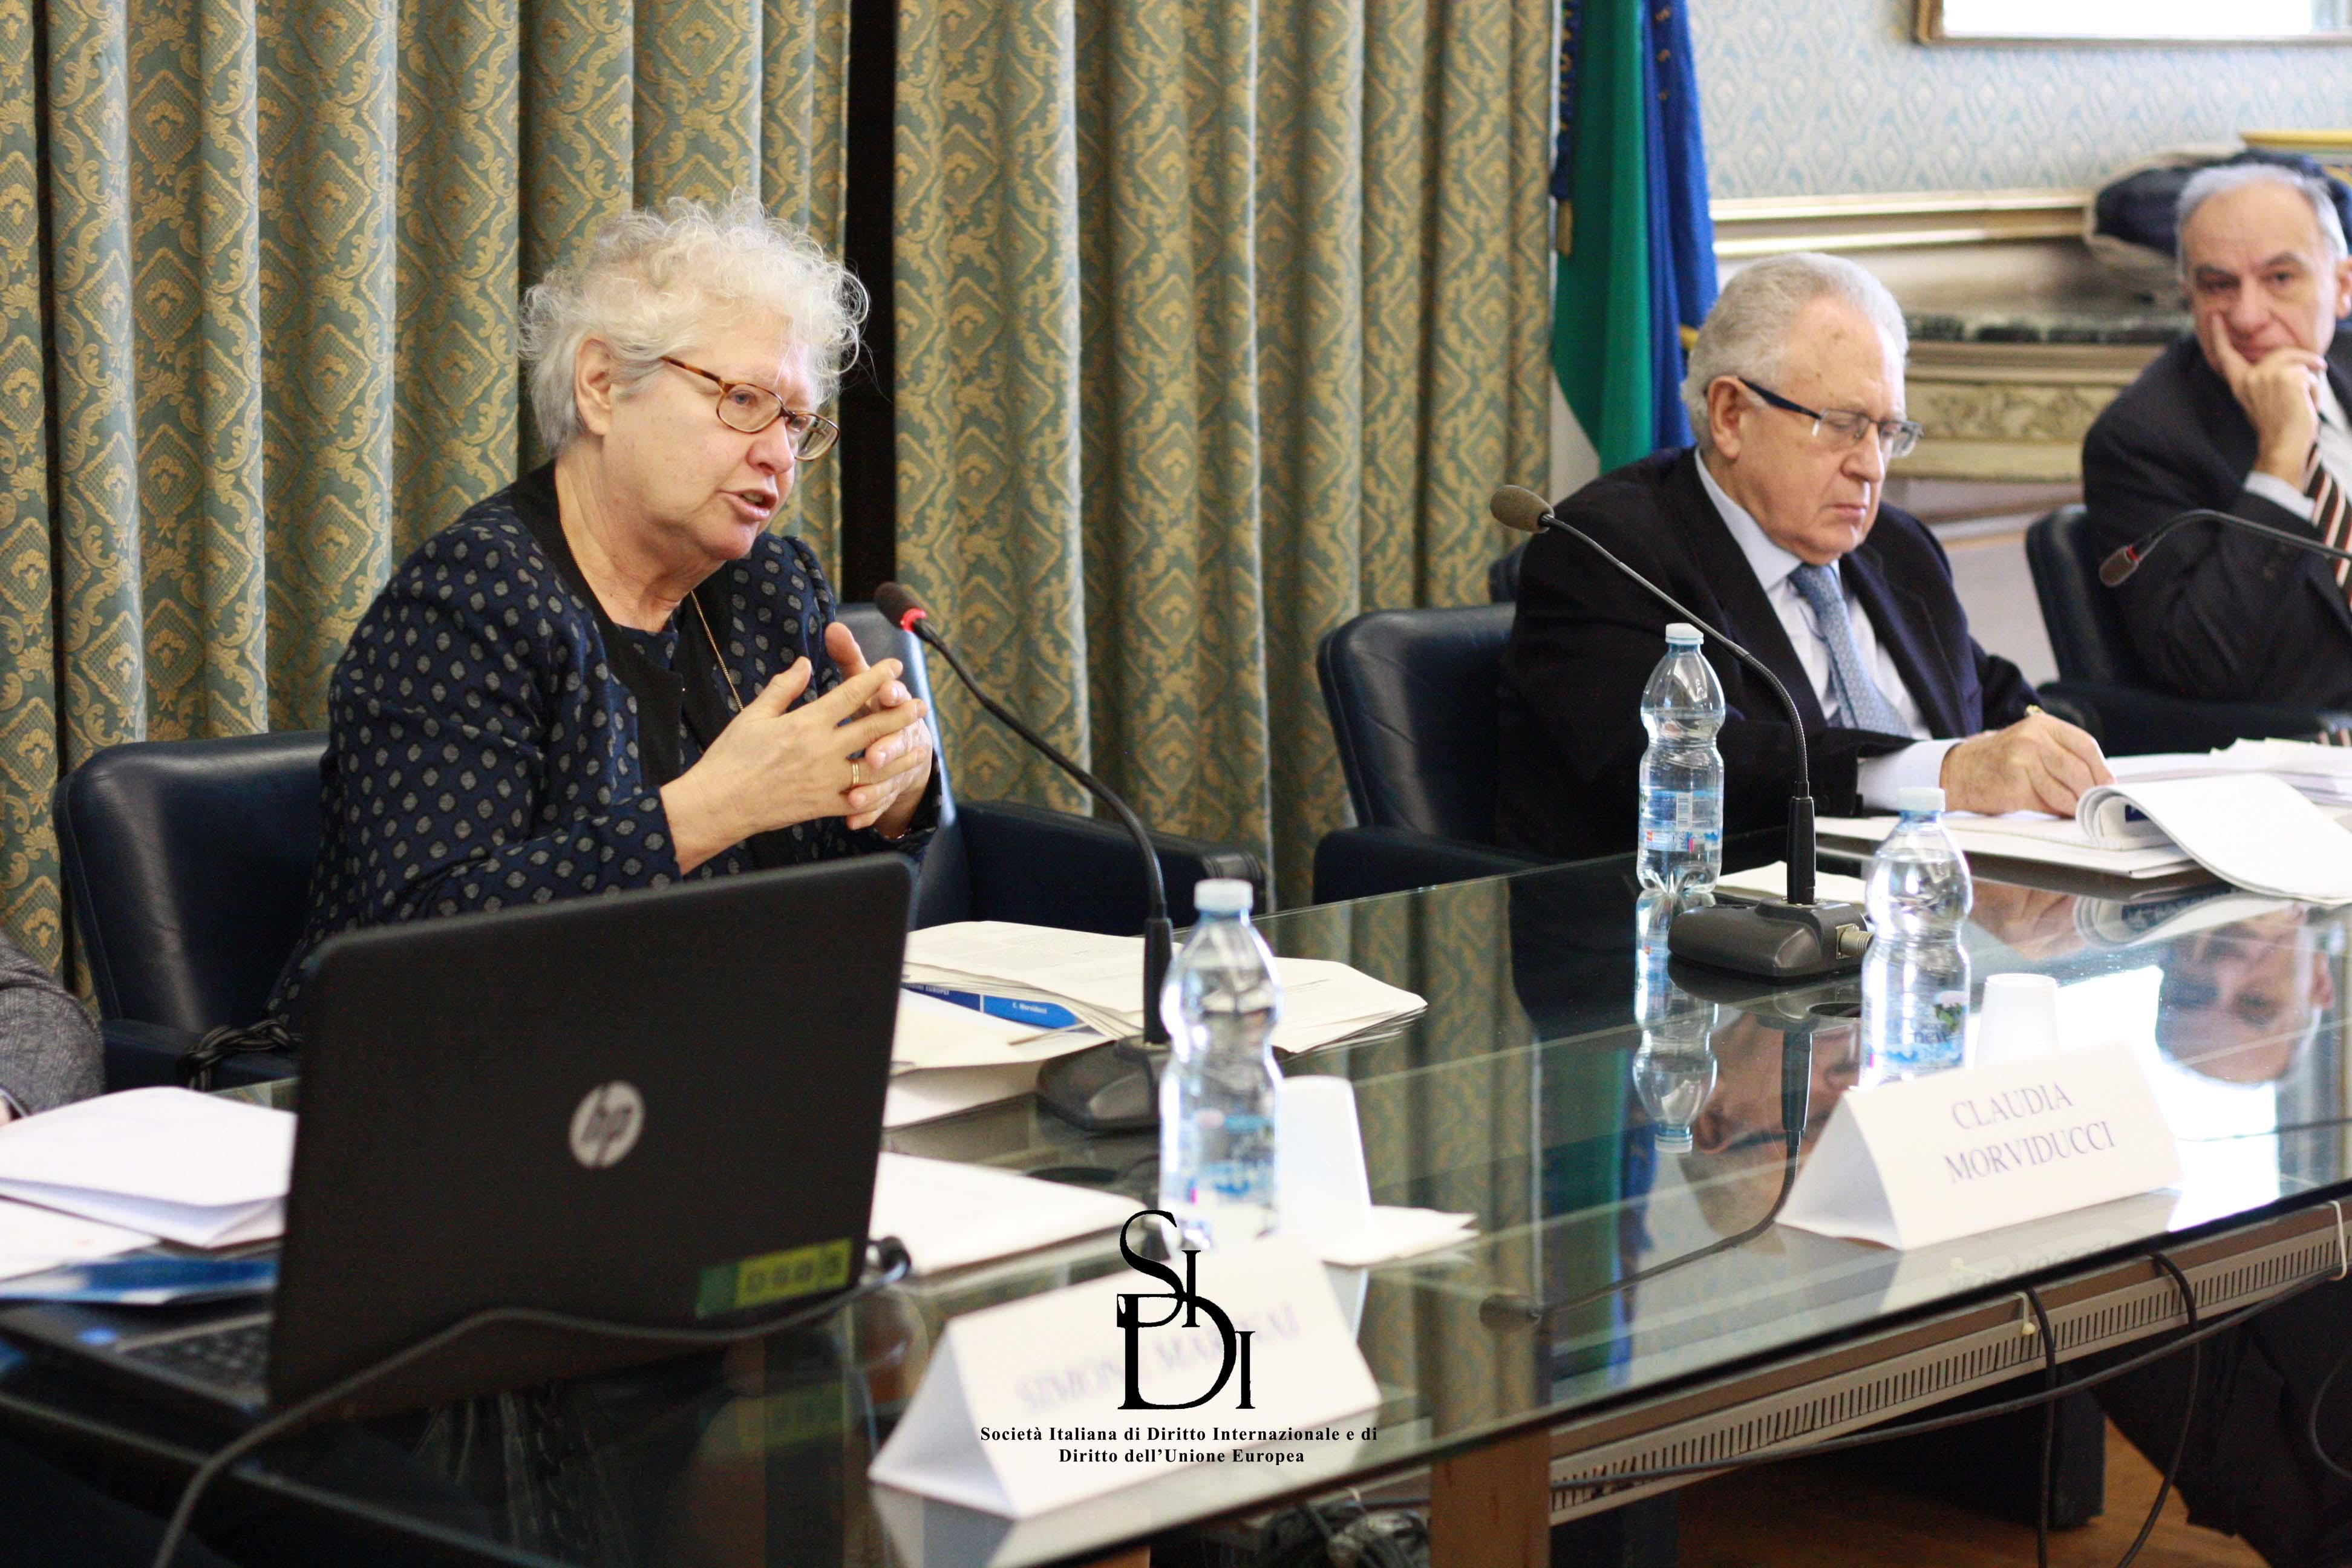 Prof. C. Morviducci - La distinzione tra cittadini stanziali e non nella giurisprudenza recente  della Corte di giustizia